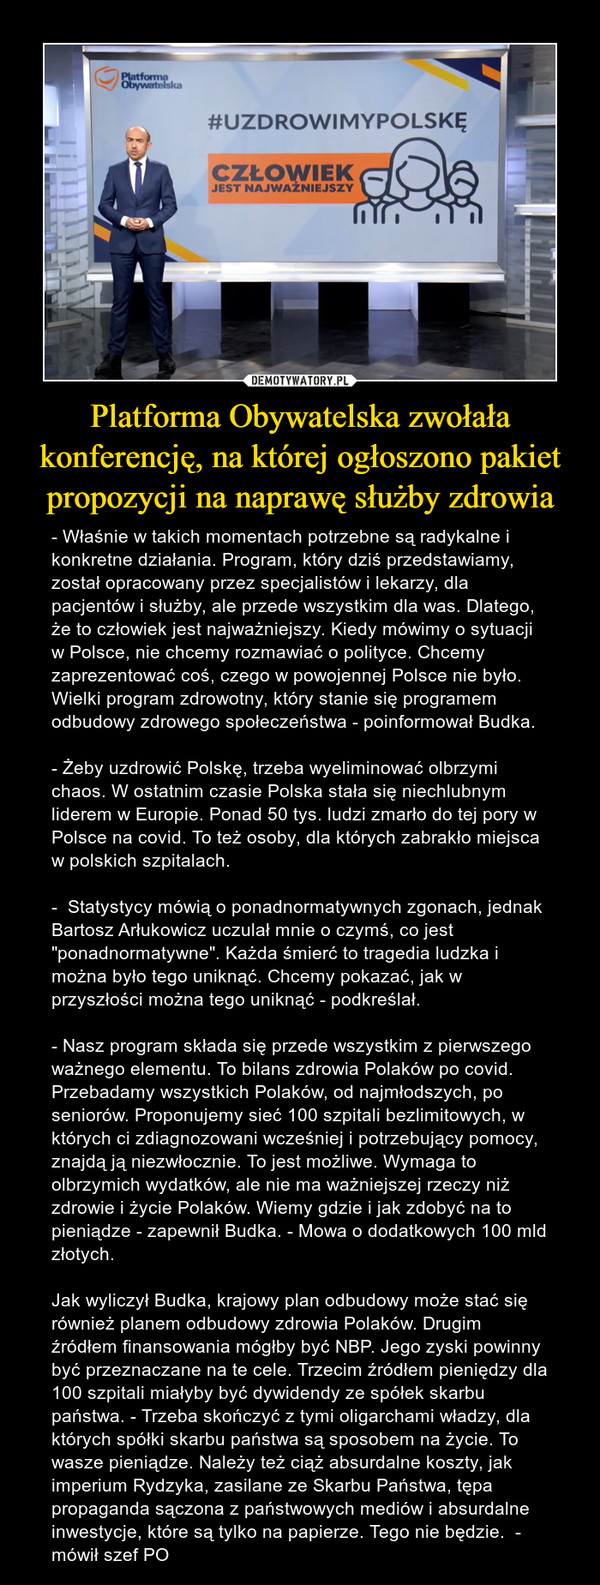 """Platforma Obywatelska zwołała konferencję, na której ogłoszono pakiet propozycji na naprawę służby zdrowia – - Właśnie w takich momentach potrzebne są radykalne i konkretne działania. Program, który dziś przedstawiamy, został opracowany przez specjalistów i lekarzy, dla pacjentów i służby, ale przede wszystkim dla was. Dlatego, że to człowiek jest najważniejszy. Kiedy mówimy o sytuacji w Polsce, nie chcemy rozmawiać o polityce. Chcemy zaprezentować coś, czego w powojennej Polsce nie było. Wielki program zdrowotny, który stanie się programem odbudowy zdrowego społeczeństwa - poinformował Budka. - Żeby uzdrowić Polskę, trzeba wyeliminować olbrzymi chaos. W ostatnim czasie Polska stała się niechlubnym liderem w Europie. Ponad 50 tys. ludzi zmarło do tej pory w Polsce na covid. To też osoby, dla których zabrakło miejsca w polskich szpitalach.-  Statystycy mówią o ponadnormatywnych zgonach, jednak Bartosz Arłukowicz uczulał mnie o czymś, co jest """"ponadnormatywne"""". Każda śmierć to tragedia ludzka i można było tego uniknąć. Chcemy pokazać, jak w przyszłości można tego uniknąć - podkreślał.- Nasz program składa się przede wszystkim z pierwszego ważnego elementu. To bilans zdrowia Polaków po covid. Przebadamy wszystkich Polaków, od najmłodszych, po seniorów. Proponujemy sieć 100 szpitali bezlimitowych, w których ci zdiagnozowani wcześniej i potrzebujący pomocy, znajdą ją niezwłocznie. To jest możliwe. Wymaga to olbrzymich wydatków, ale nie ma ważniejszej rzeczy niż zdrowie i życie Polaków. Wiemy gdzie i jak zdobyć na to pieniądze - zapewnił Budka. - Mowa o dodatkowych 100 mld złotych.  Jak wyliczył Budka, krajowy plan odbudowy może stać się również planem odbudowy zdrowia Polaków. Drugim źródłem finansowania mógłby być NBP. Jego zyski powinny być przeznaczane na te cele. Trzecim źródłem pieniędzy dla 100 szpitali miałyby być dywidendy ze spółek skarbu państwa. - Trzeba skończyć z tymi oligarchami władzy, dla których spółki skarbu państwa są sposobem na życie. To wasze pienią"""